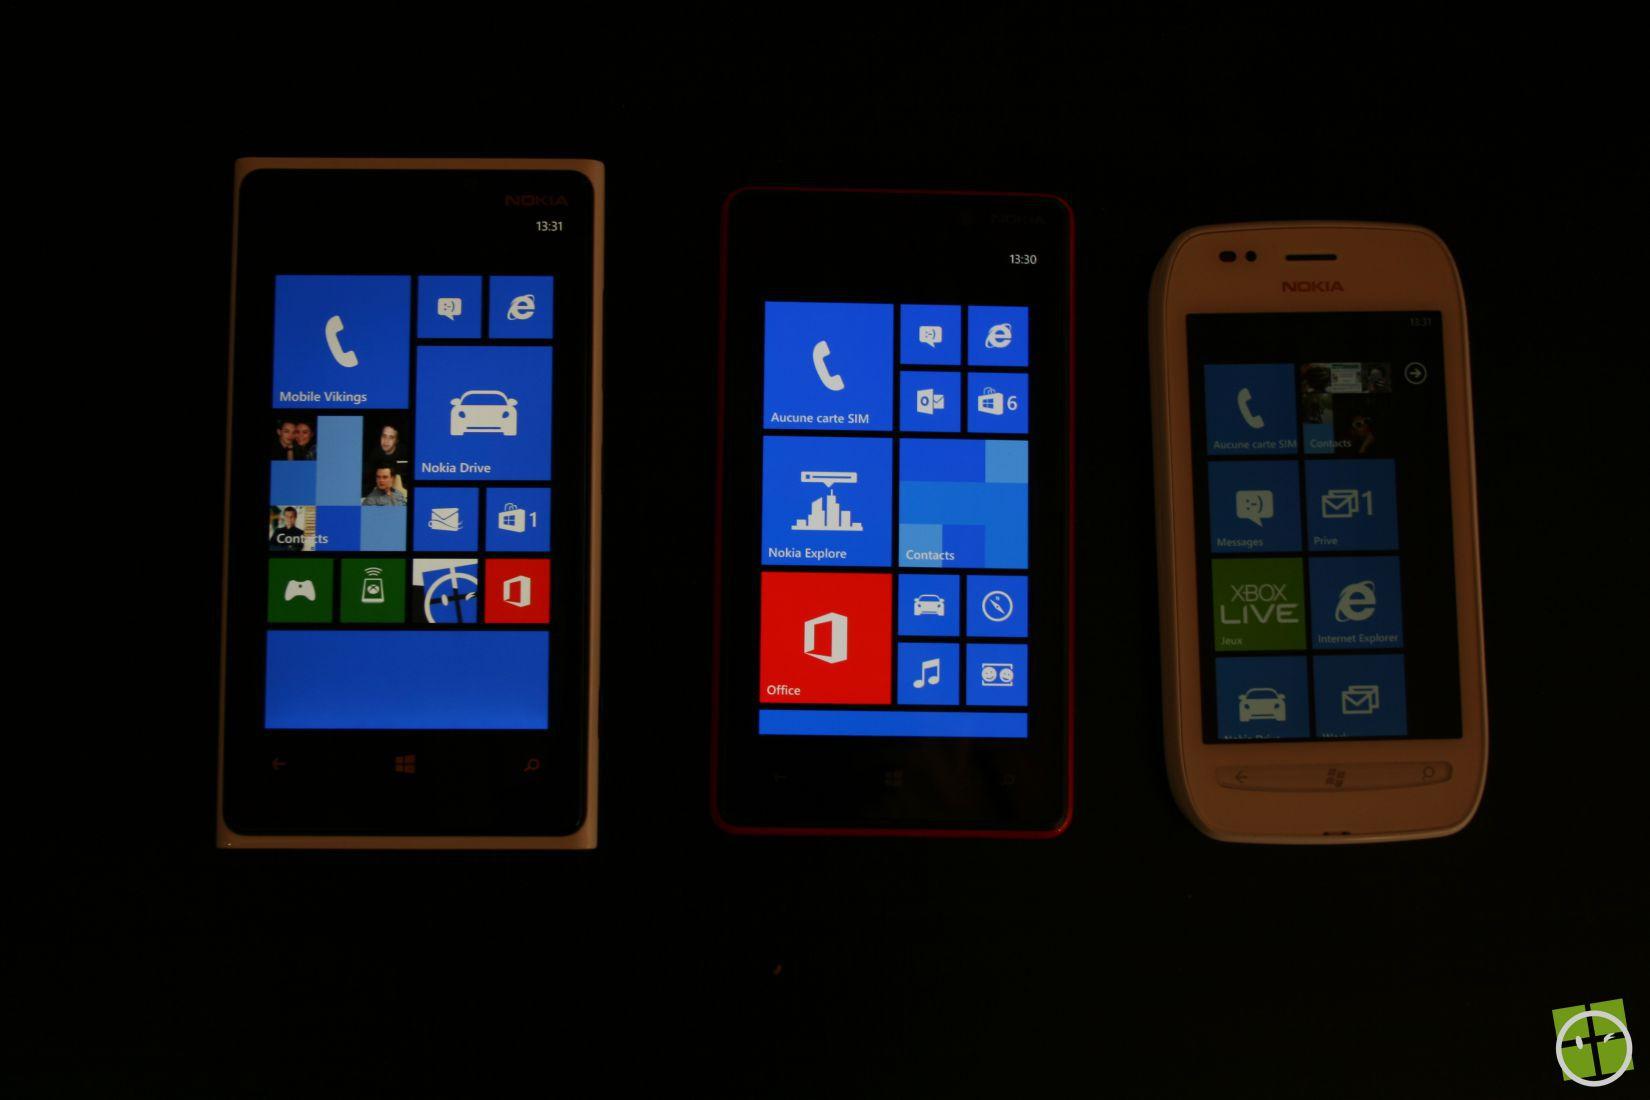 Test du nokia lumia 920 sous windows phone 8 monwindows for Photo ecran lumia 920